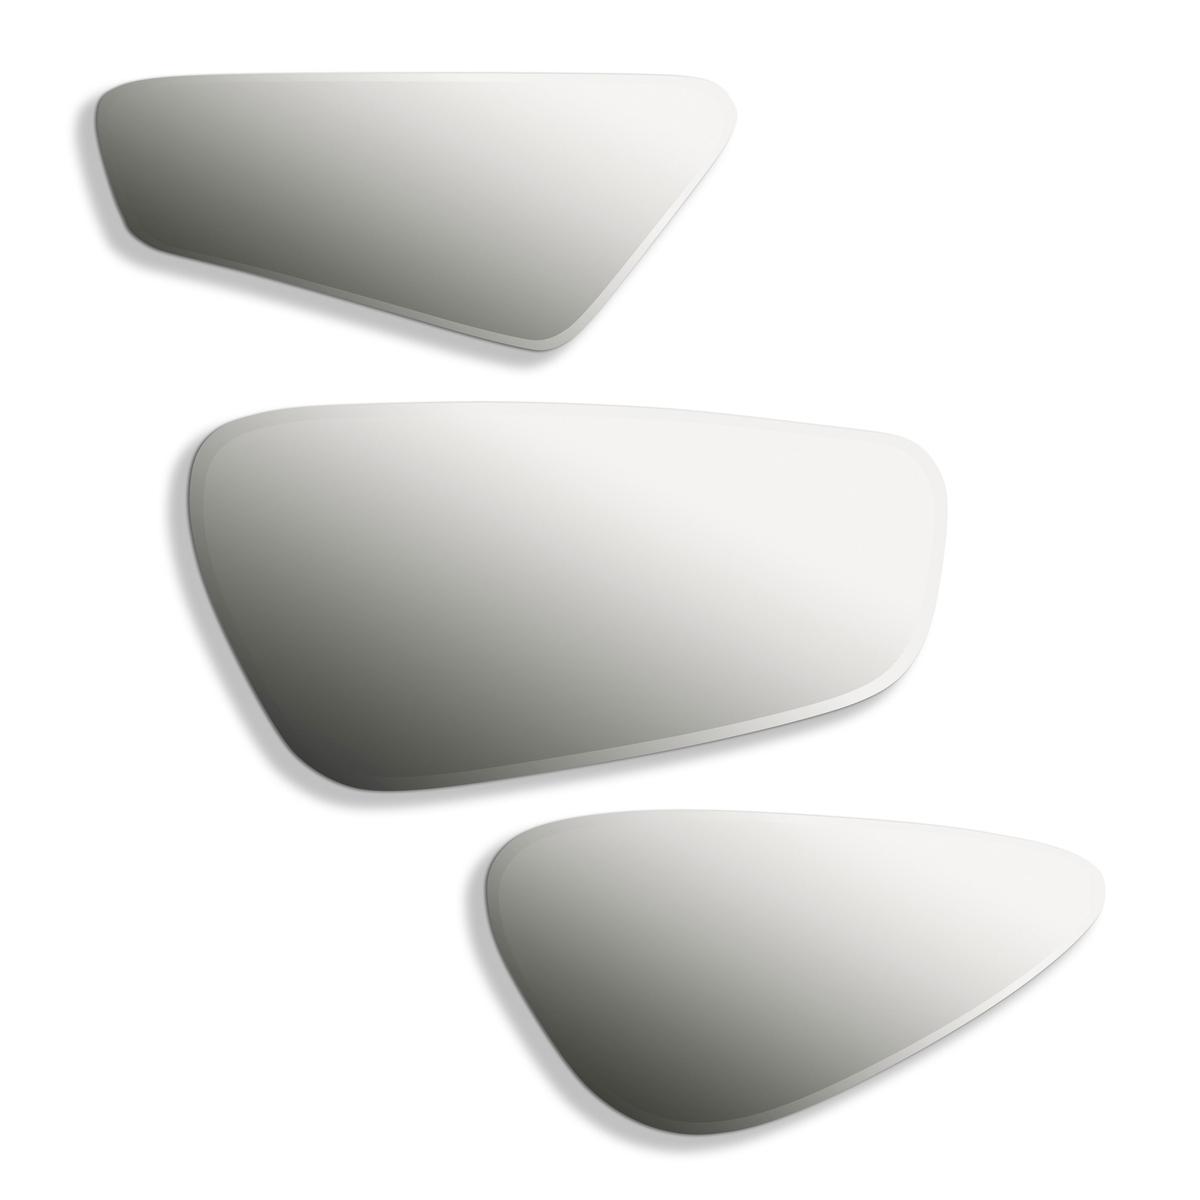 Зеркало Euredice (комплект из 3 зеркал)Комплект из 3 зеркал со скошенными гранями  трех различных форм . Большое: В..45,5 x Д.23,5 см.. Среднее : В..38,5 x Д.16,5 см.. Маленькое : В..37,5 x 19,5 см .Комплект из 3 разных зеркал .<br><br>Цвет: стеклянный